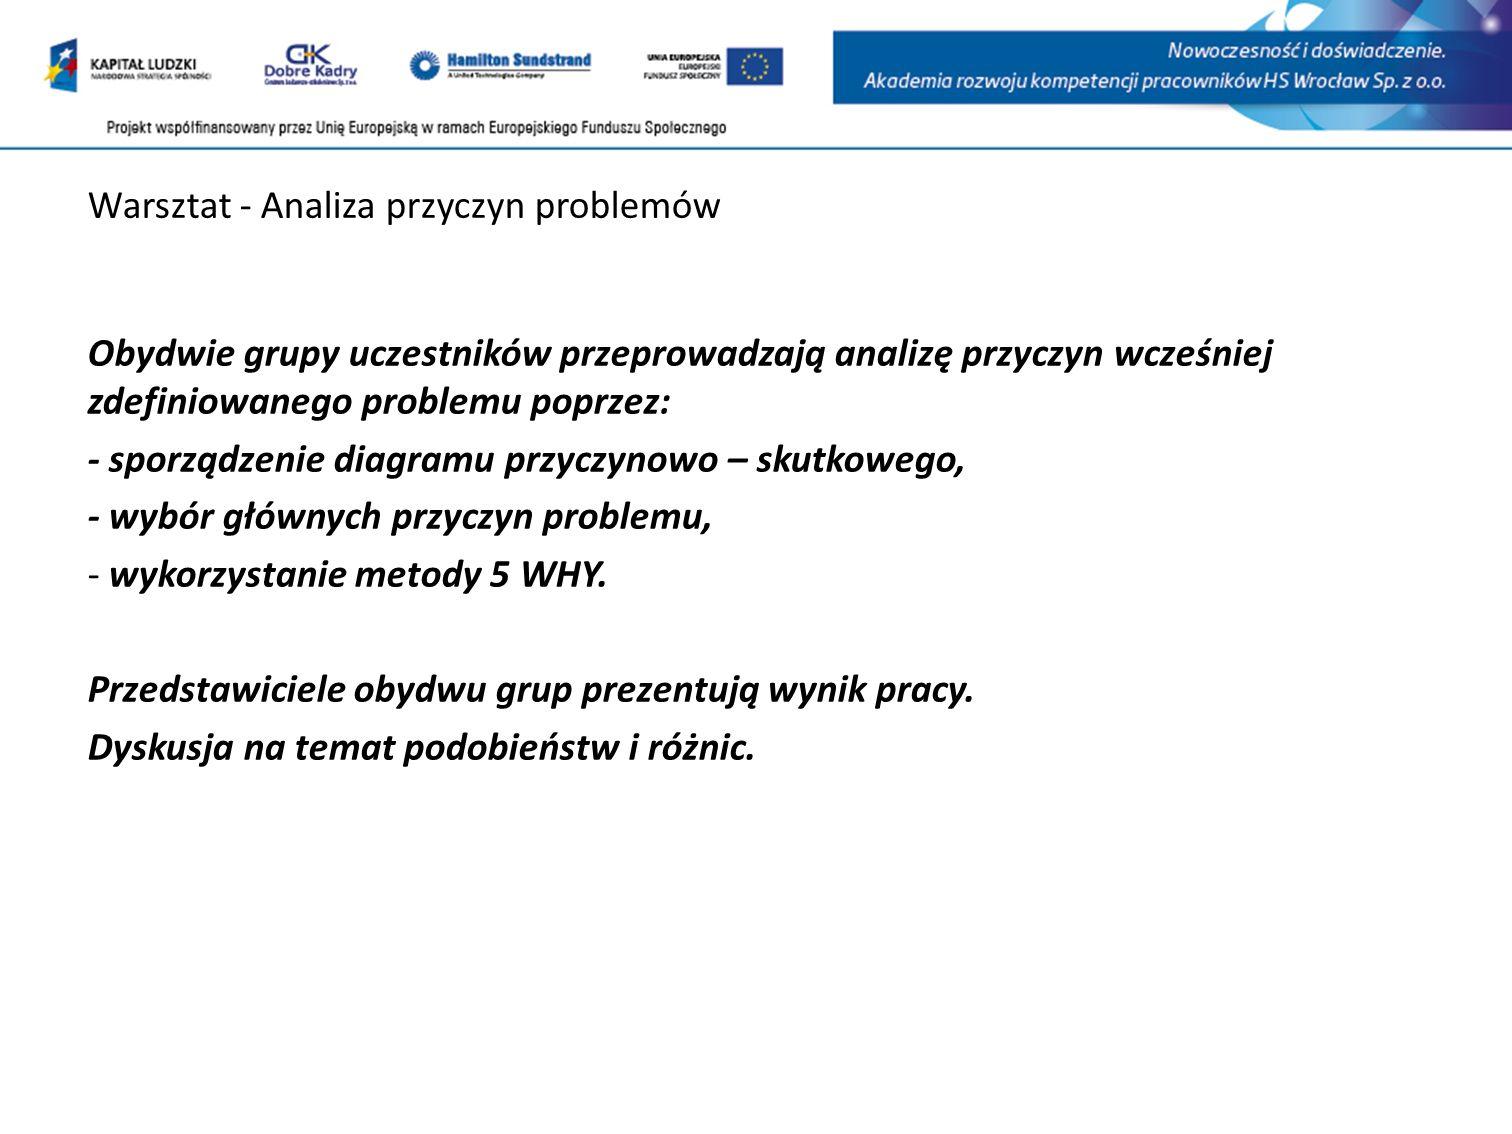 Warsztat - Analiza przyczyn problemów Obydwie grupy uczestników przeprowadzają analizę przyczyn wcześniej zdefiniowanego problemu poprzez: - sporządzenie diagramu przyczynowo – skutkowego, - wybór głównych przyczyn problemu, - wykorzystanie metody 5 WHY.